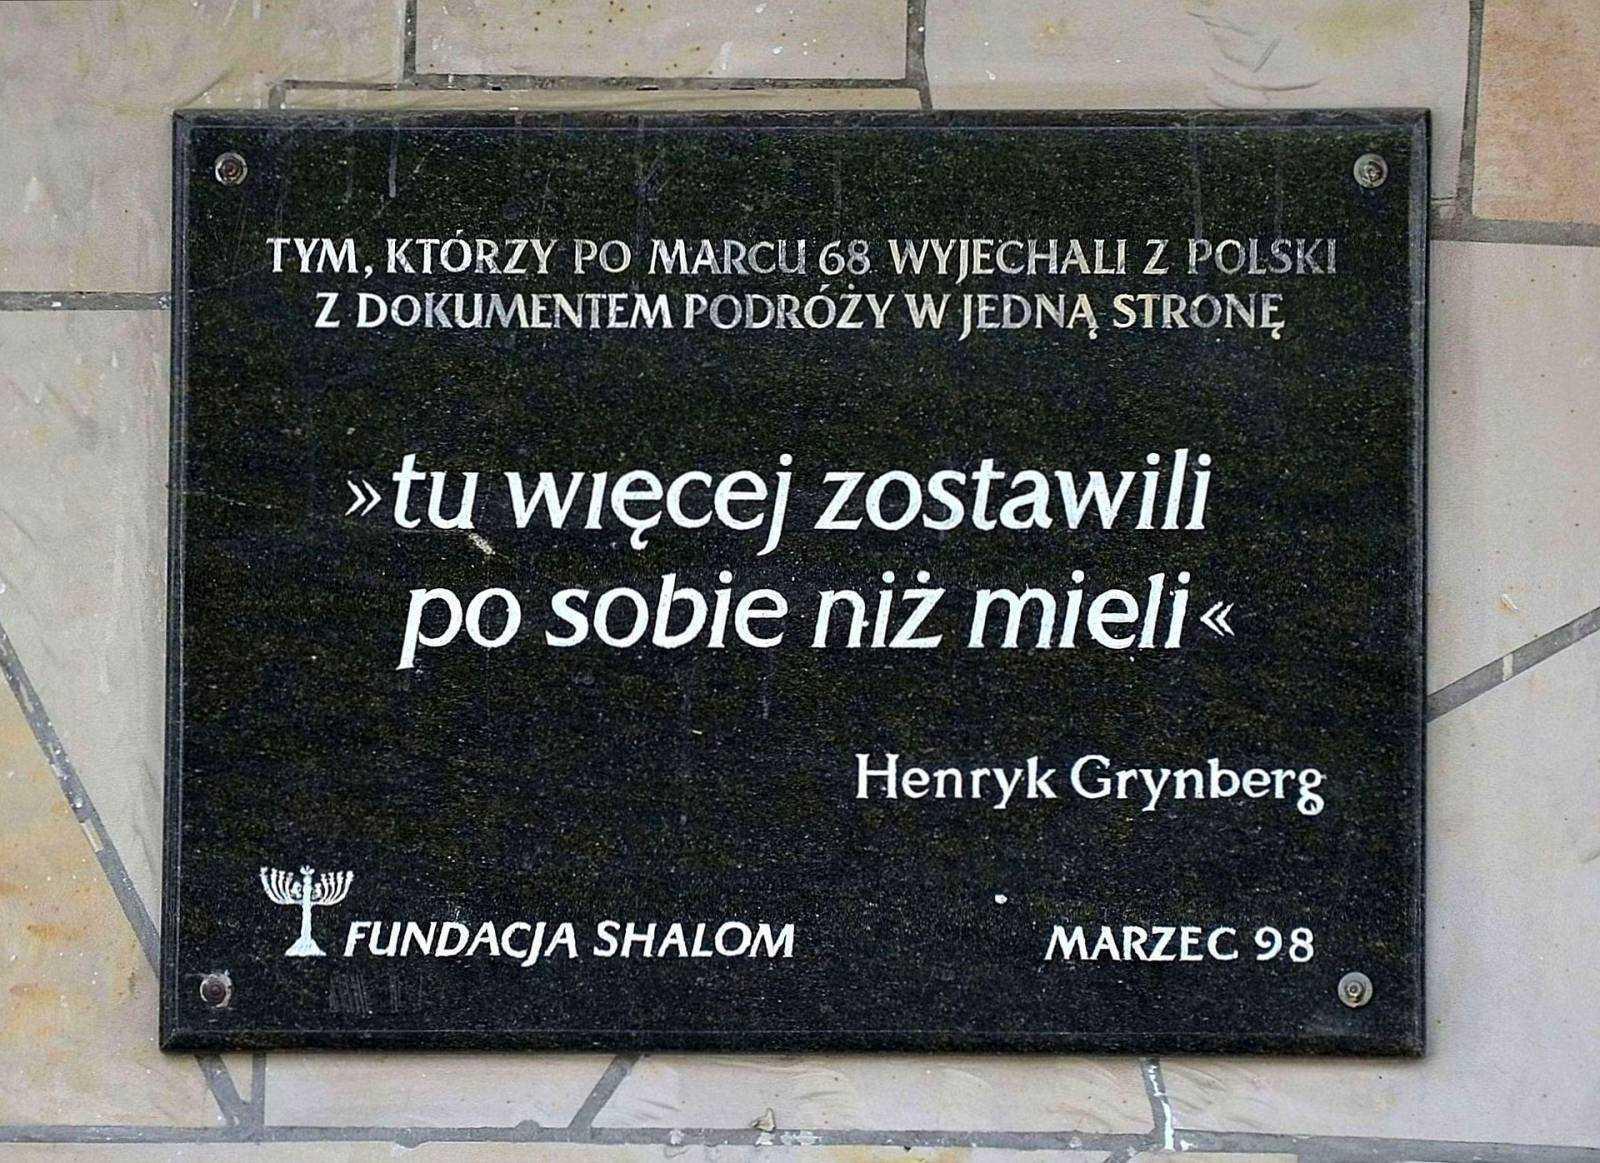 Zwolennicy władzy powielają metody propagandy z czasów komunizmu · Wieści24.pl